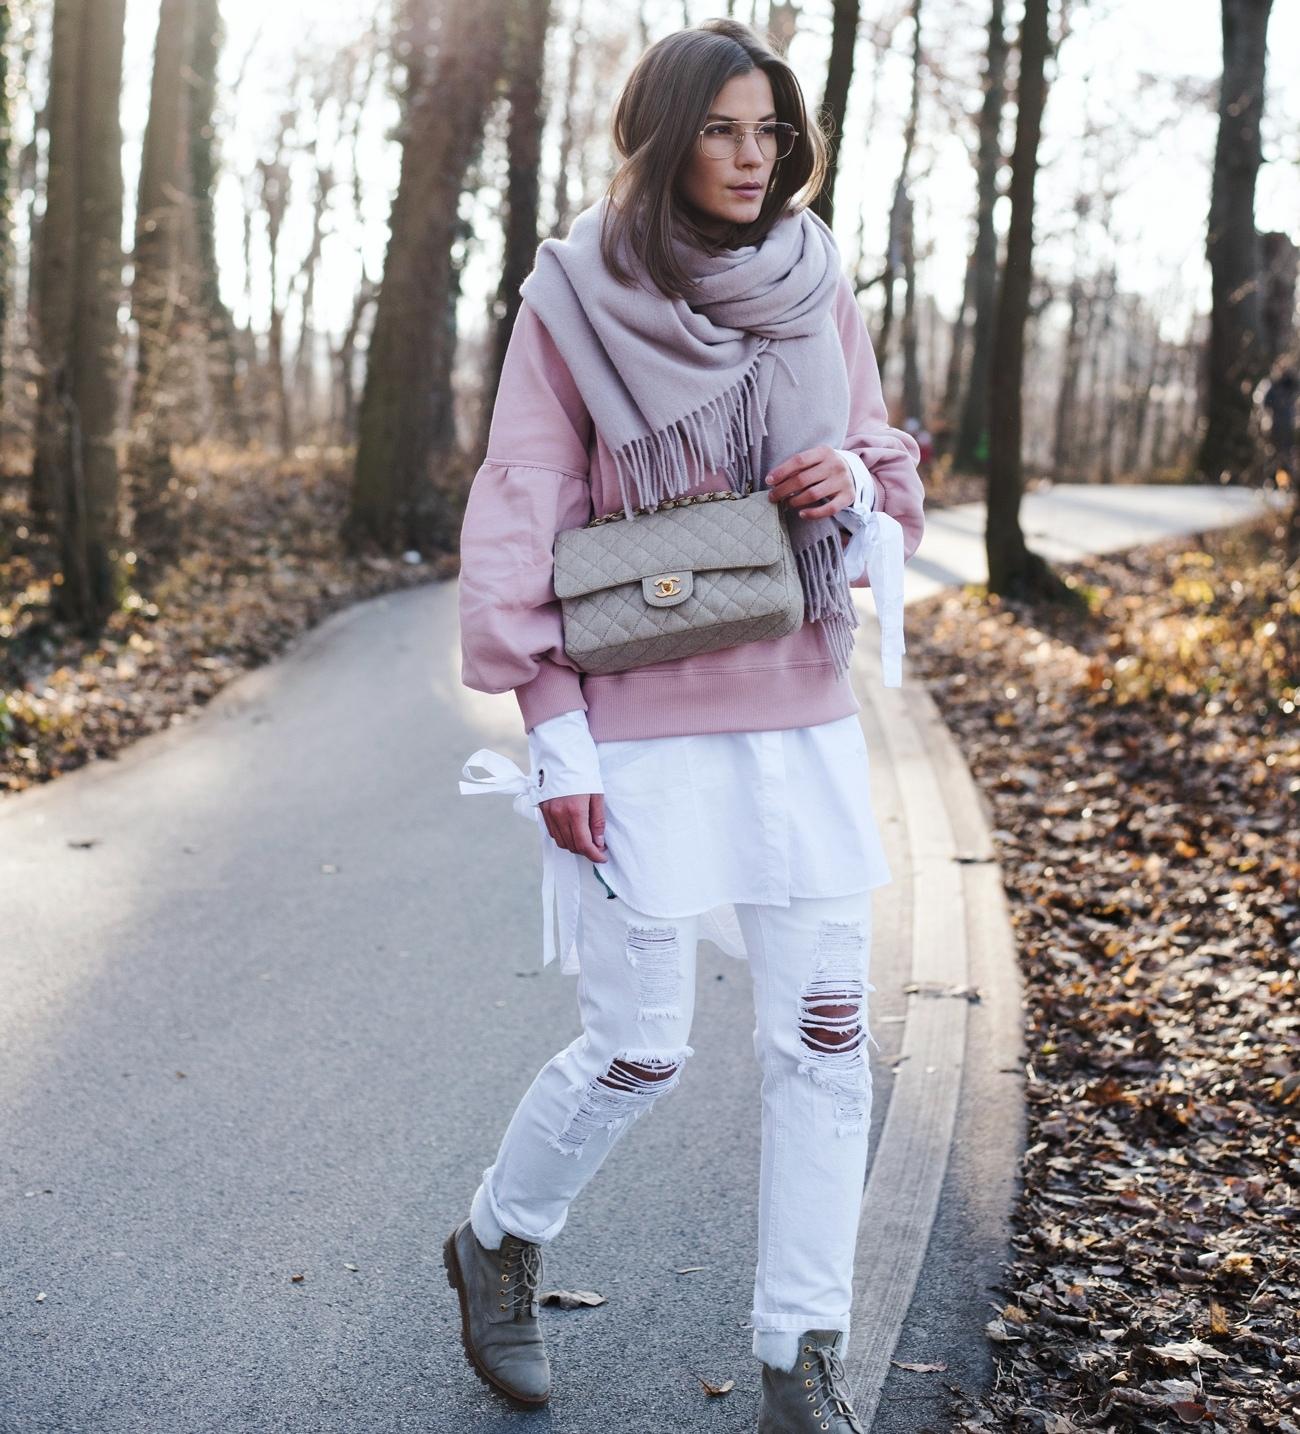 die-10-besten-fashion-blogs-deutschlands-gute-und-qualitative-mode-blogs-nina-fashiioncarpet